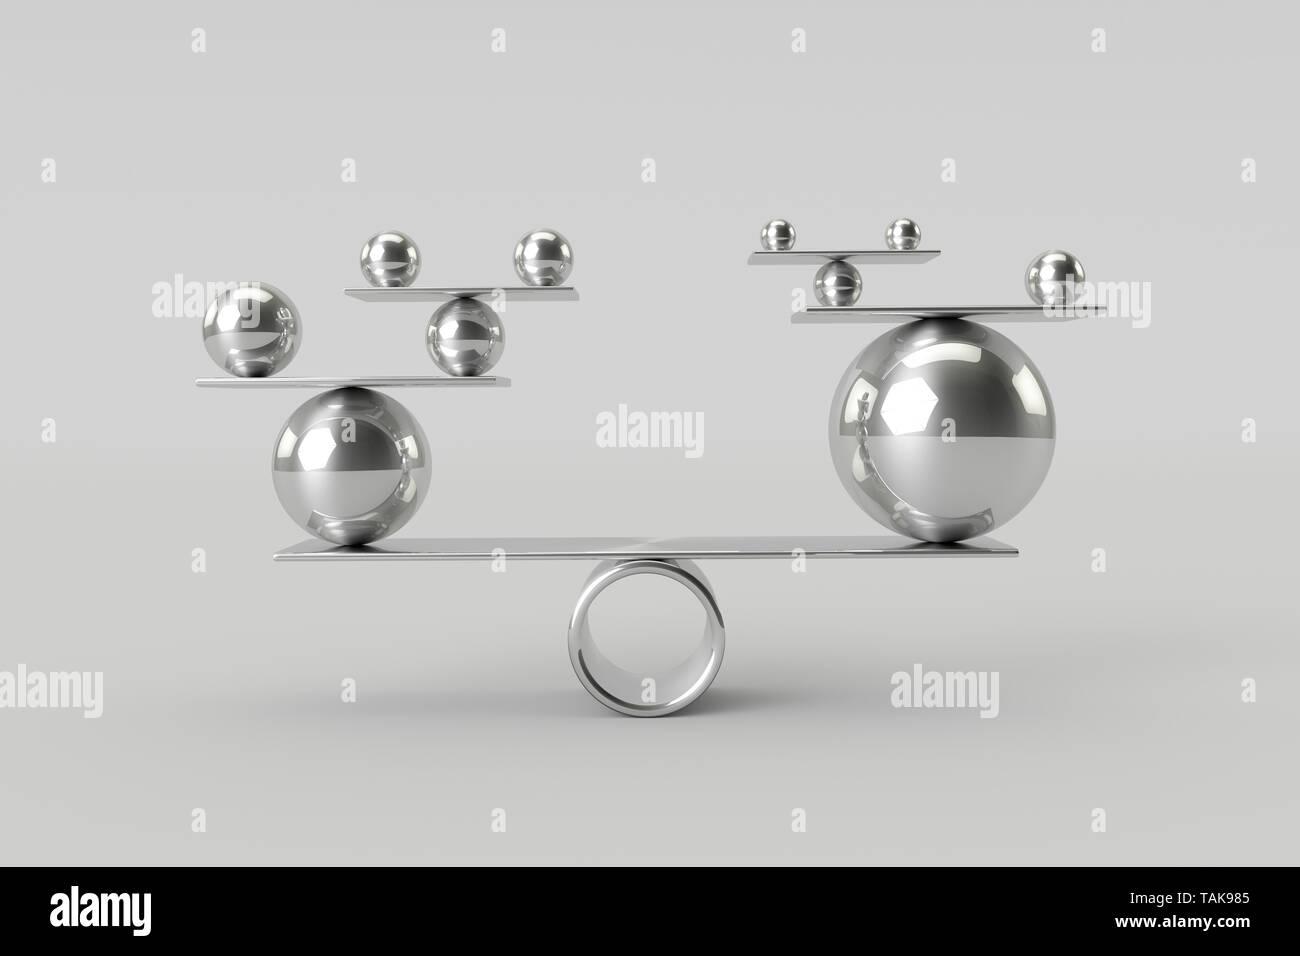 Perfecta Armonía de bolas del cromo brillante.Trabajo en Equipo,y el Balance de Riesgos Concepto.3D rendering. Foto de stock